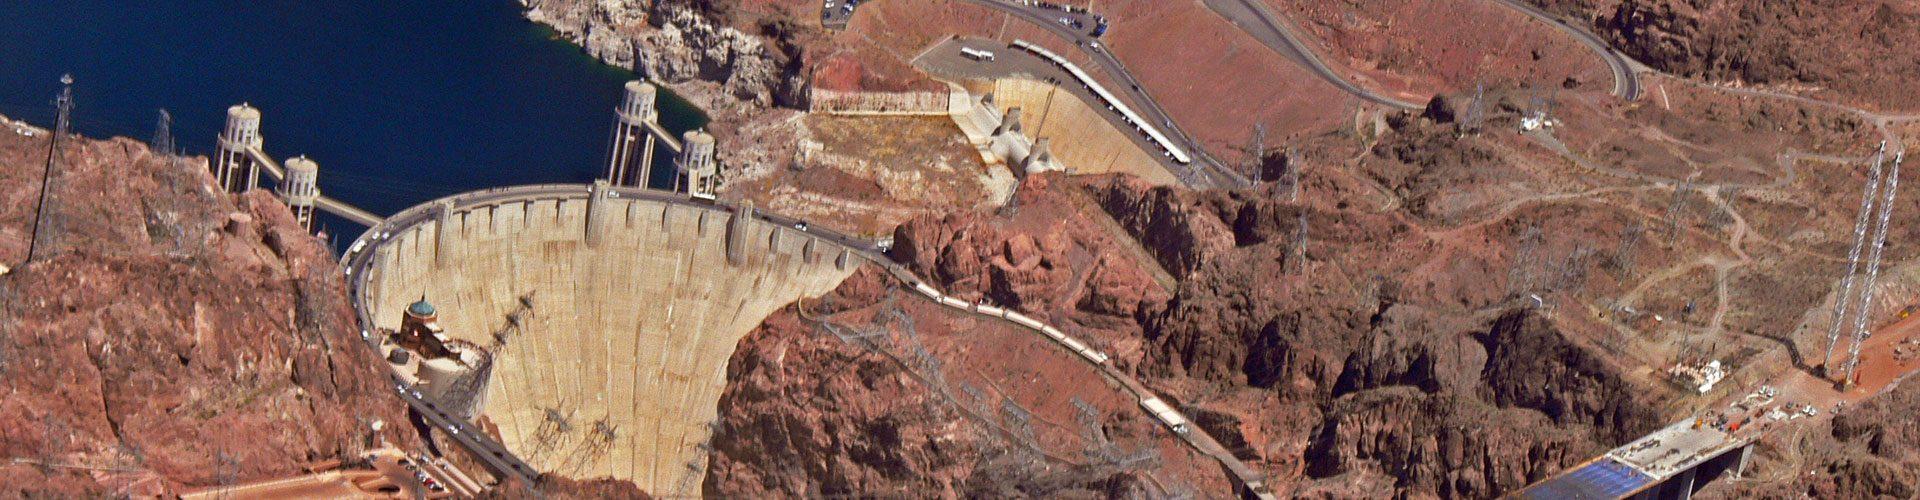 Der Hoover Dam staut den Colorado River zumLake Mead